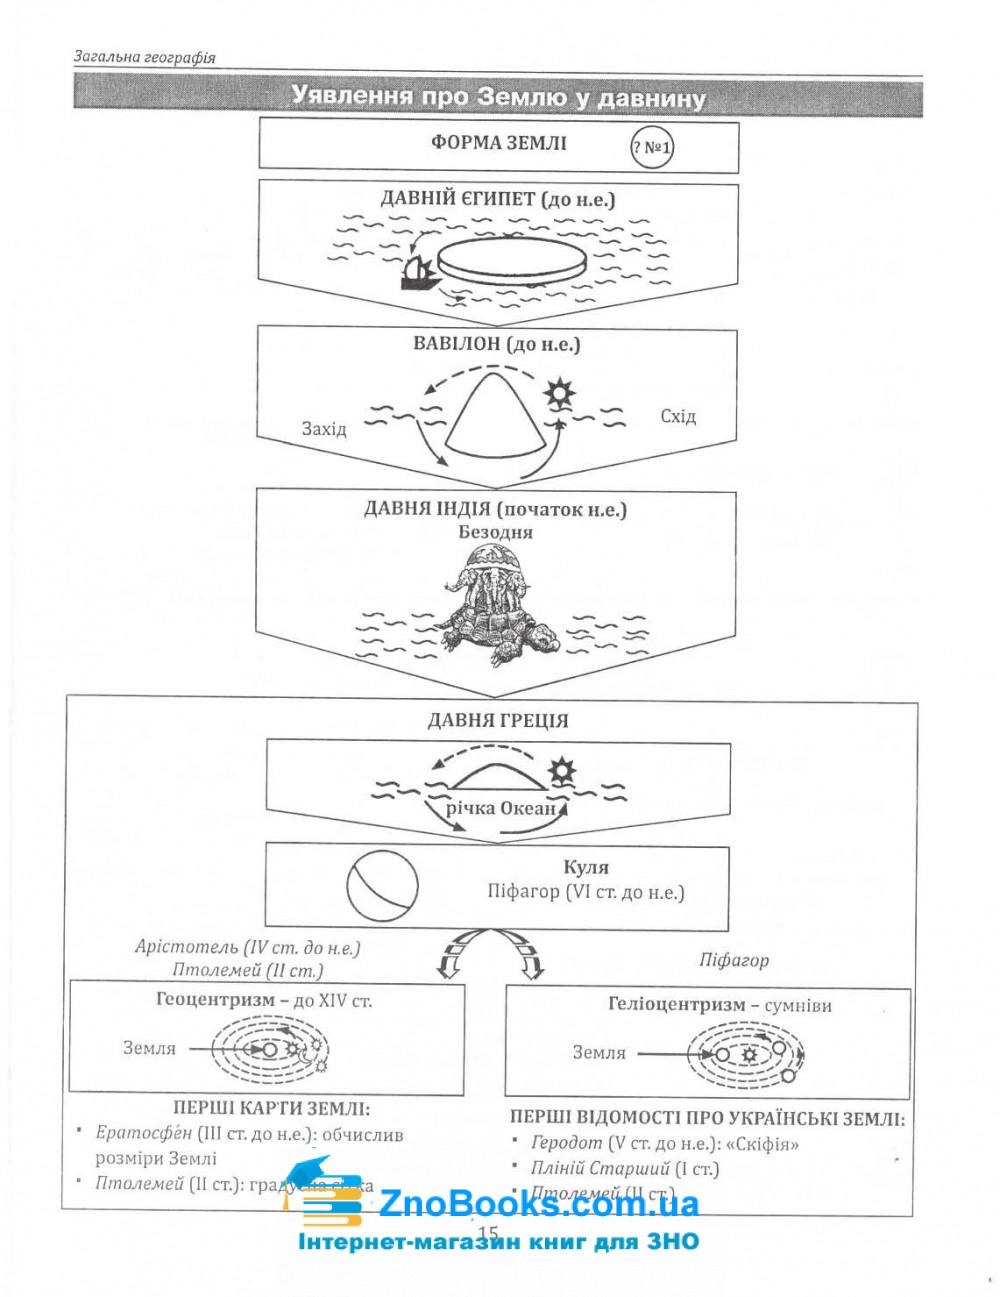 Опорні схеми, таблиці та картосхеми з географії до ЗНО : Кобернік С., Коваленко Р. купити 7